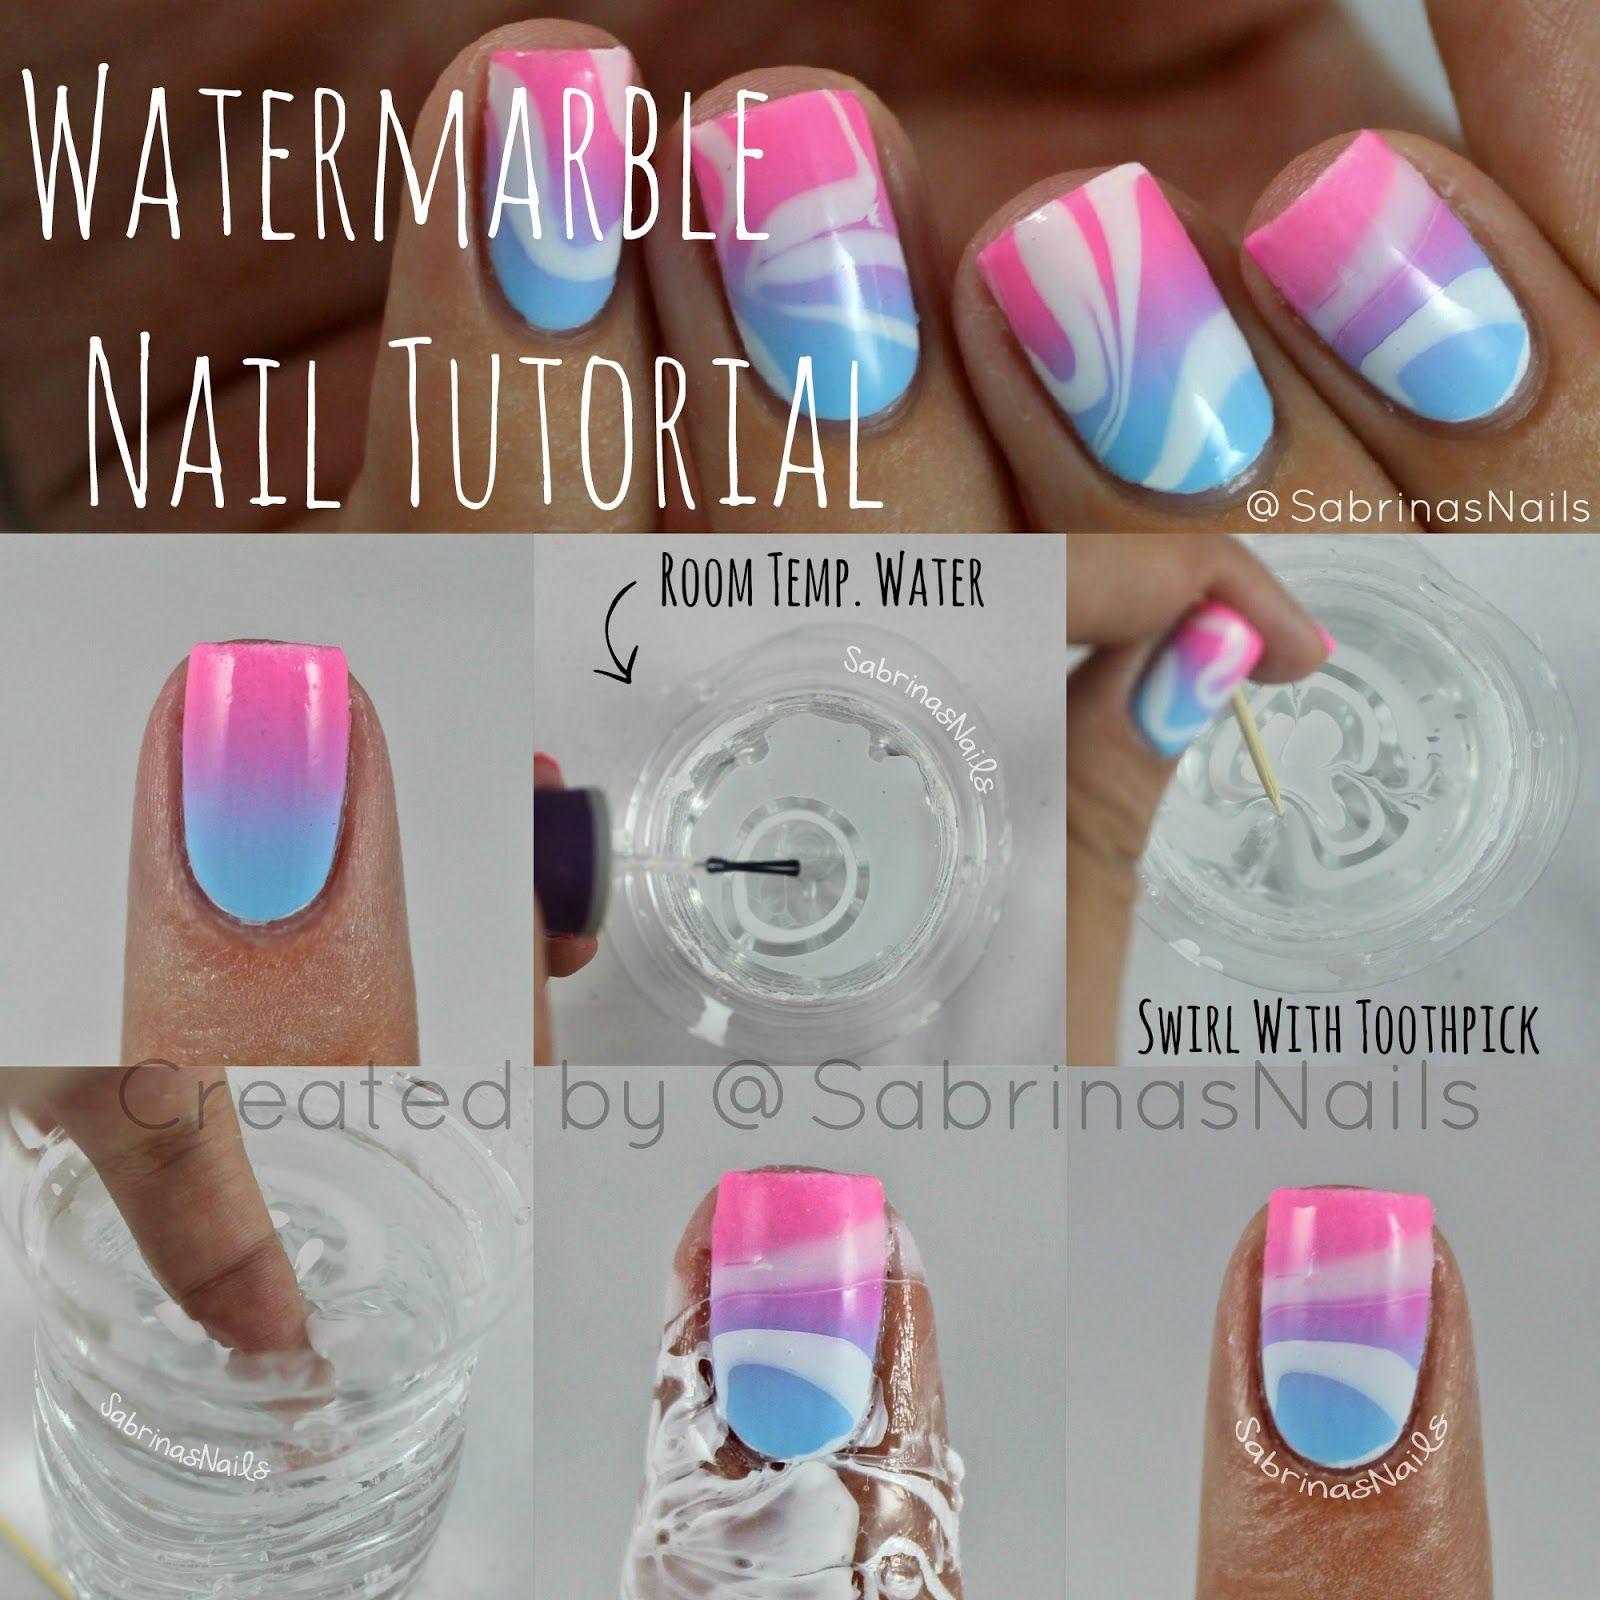 Sabrinas Nails: Watermarble Nail Tutorial   #BEAUTY IDEAS ...